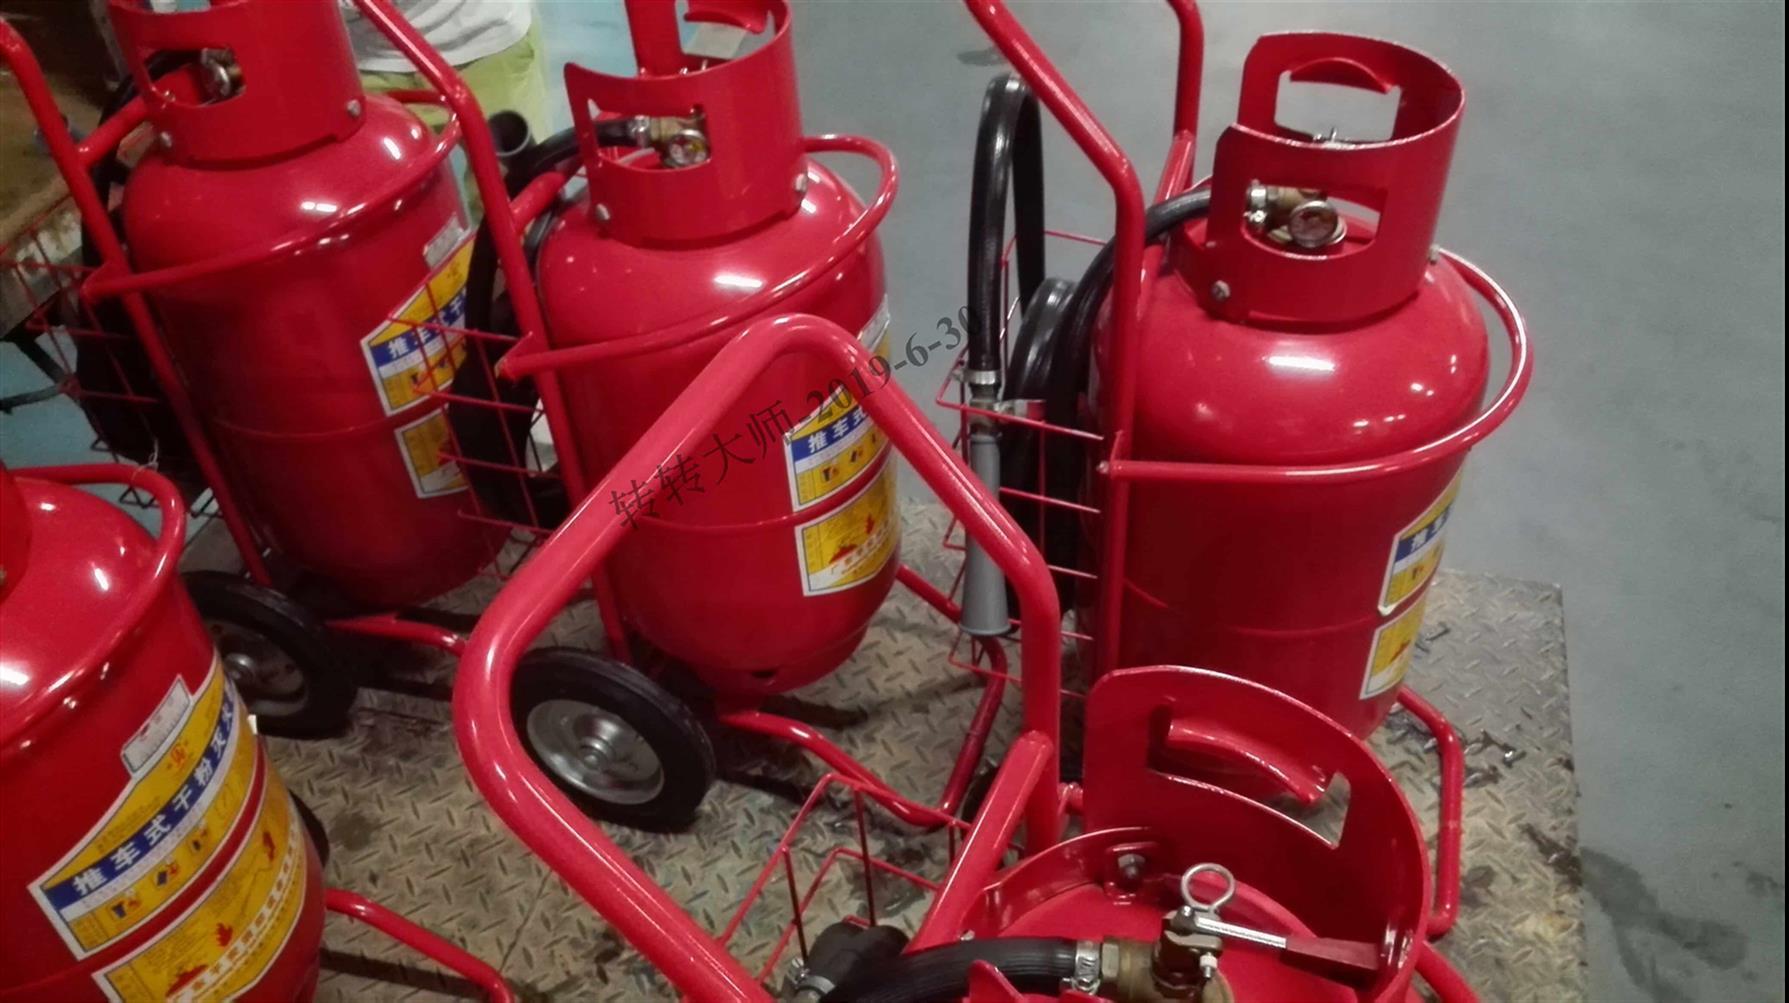 宜春回收处理过滤式消防自救呼吸器